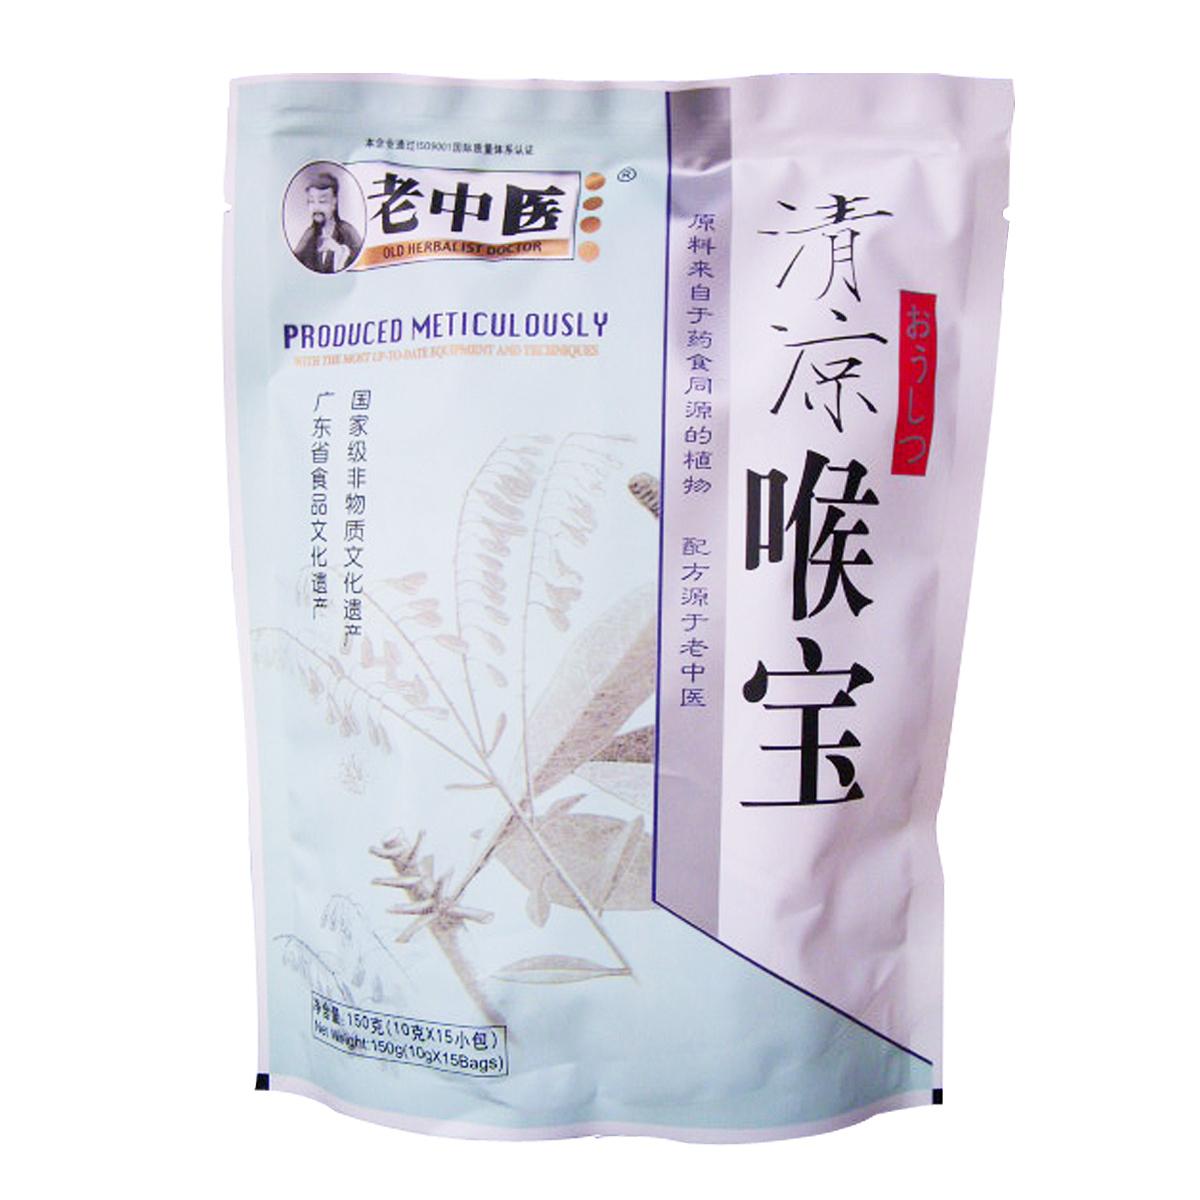 【老中医】清凉喉宝凉茶10g/包x150g/包商品图片价格图片